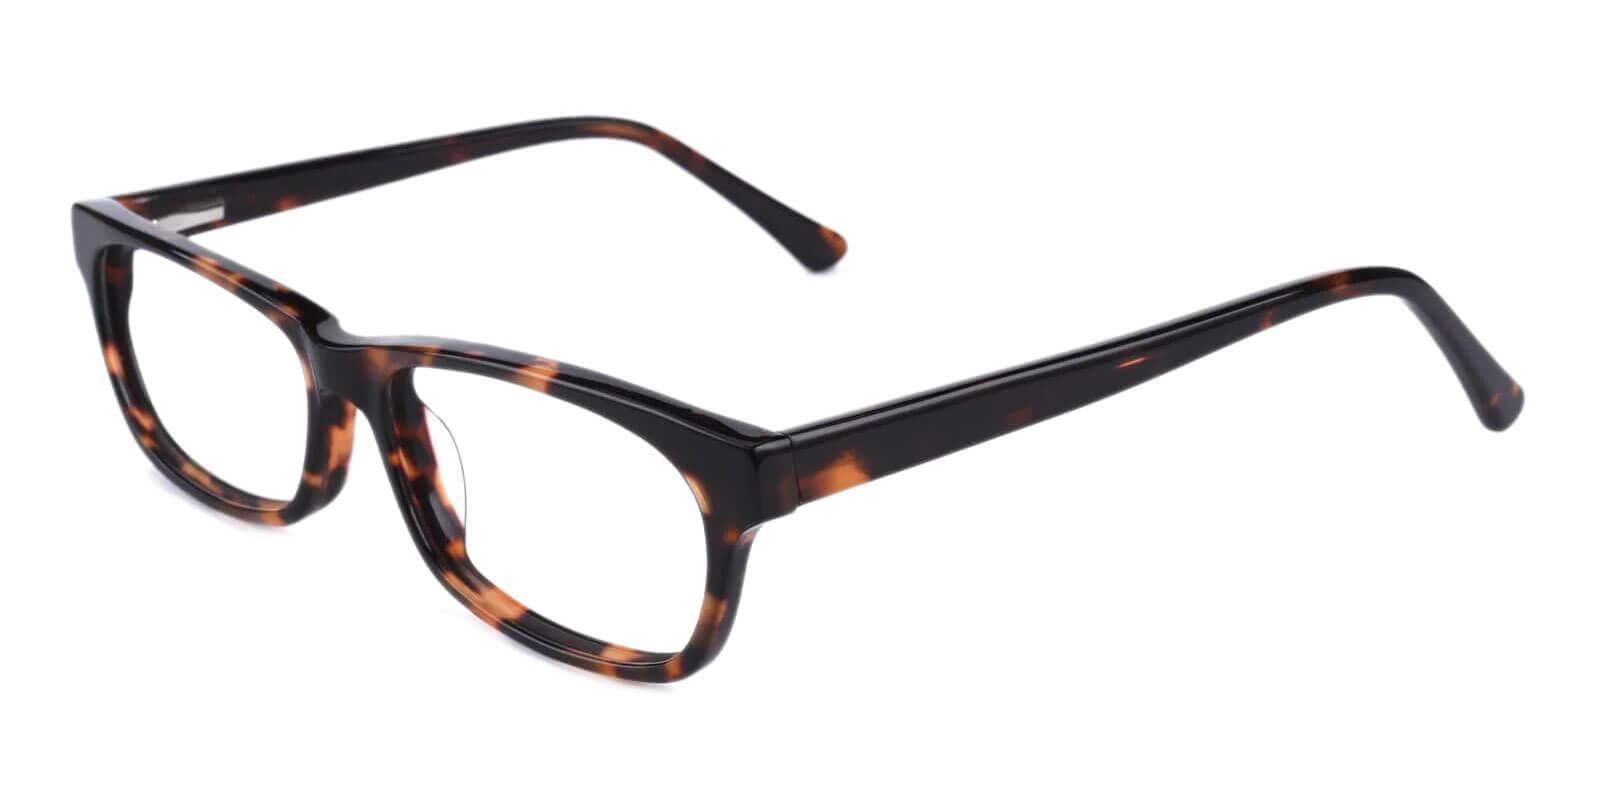 Villeneuve Tortoise TR Eyeglasses , SpringHinges , UniversalBridgeFit Frames from ABBE Glasses